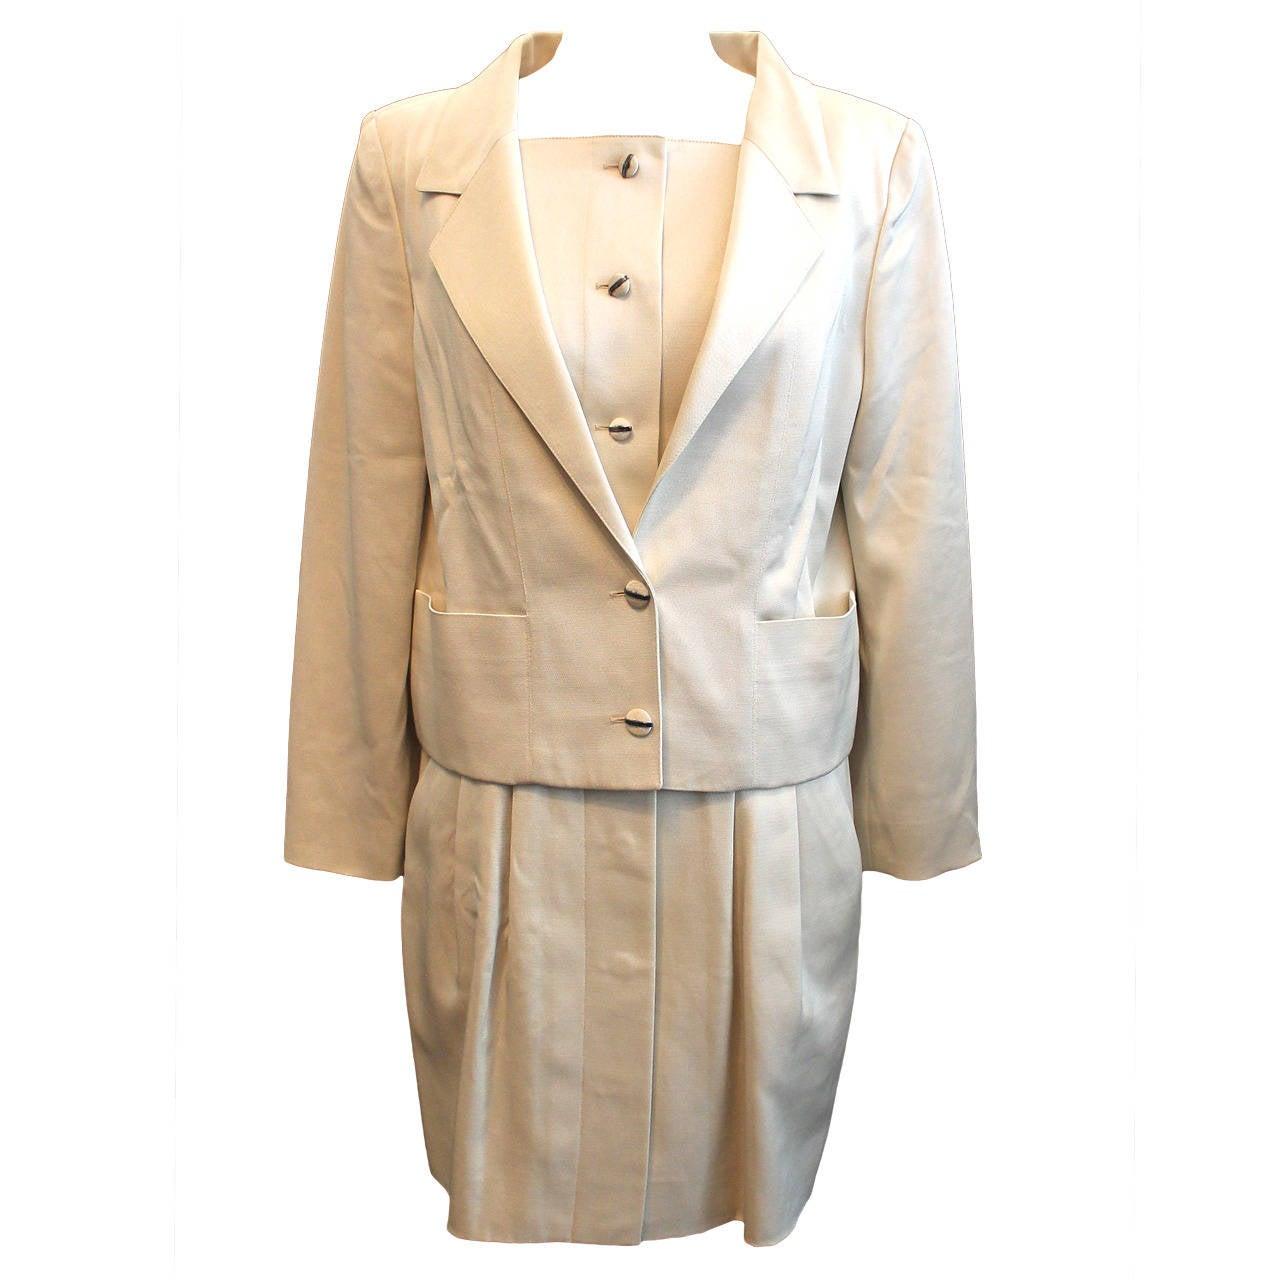 karl lagerfeld vintage ivory dress and jacket set 38 for sale at 1stdibs. Black Bedroom Furniture Sets. Home Design Ideas